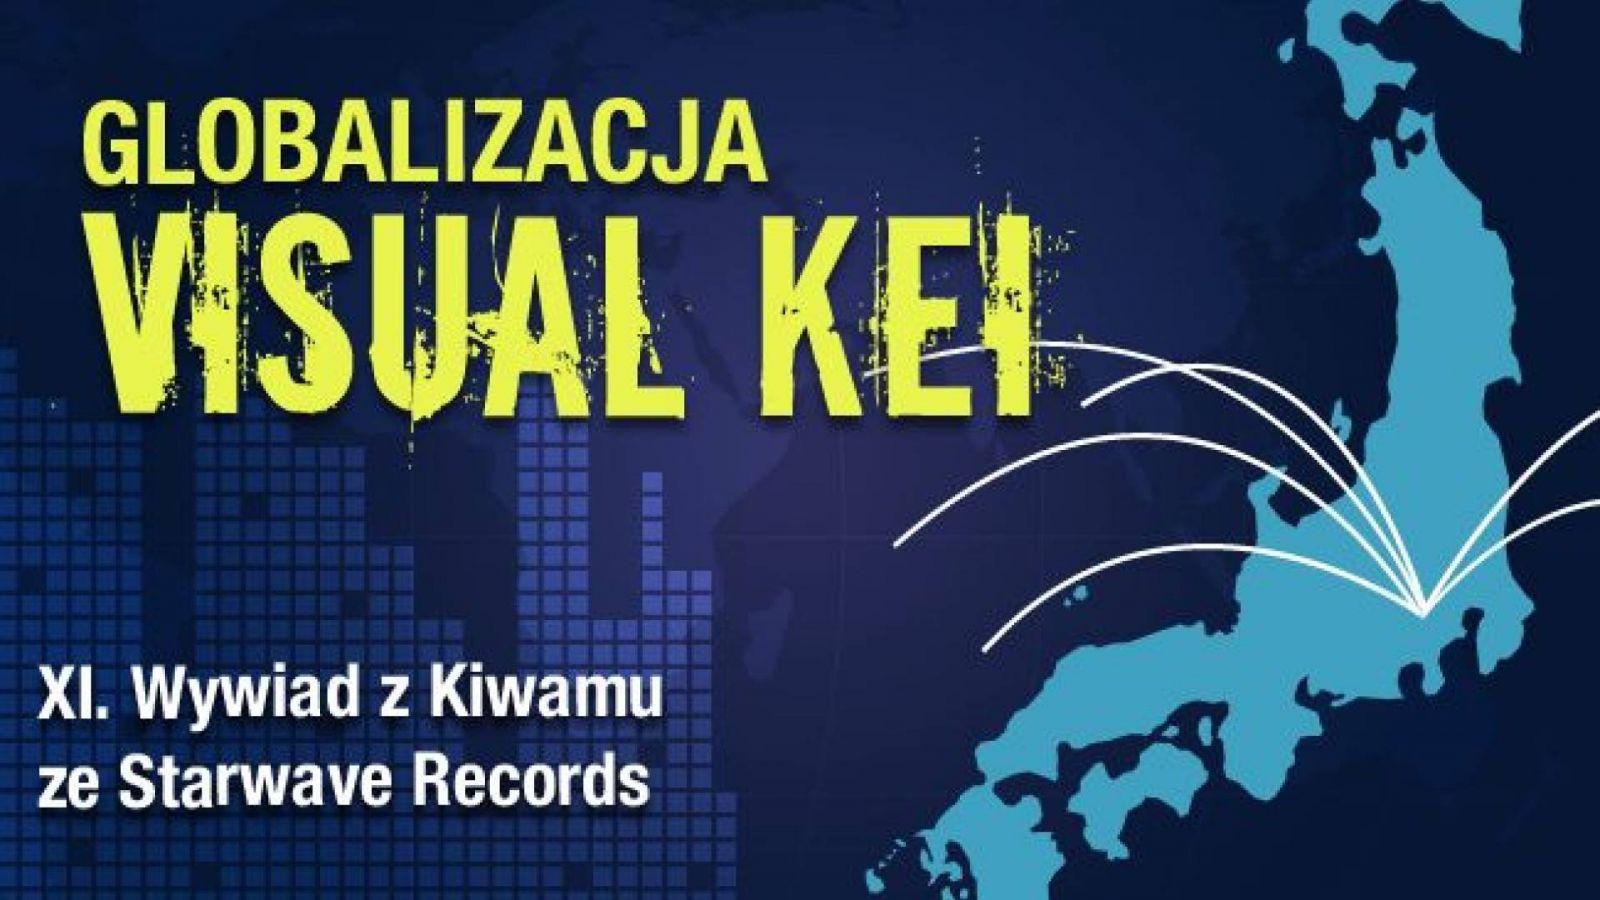 Globalizacja visual kei: Wywiad z Kiwamu ze Starwave Records © Lydia Michalitsianos